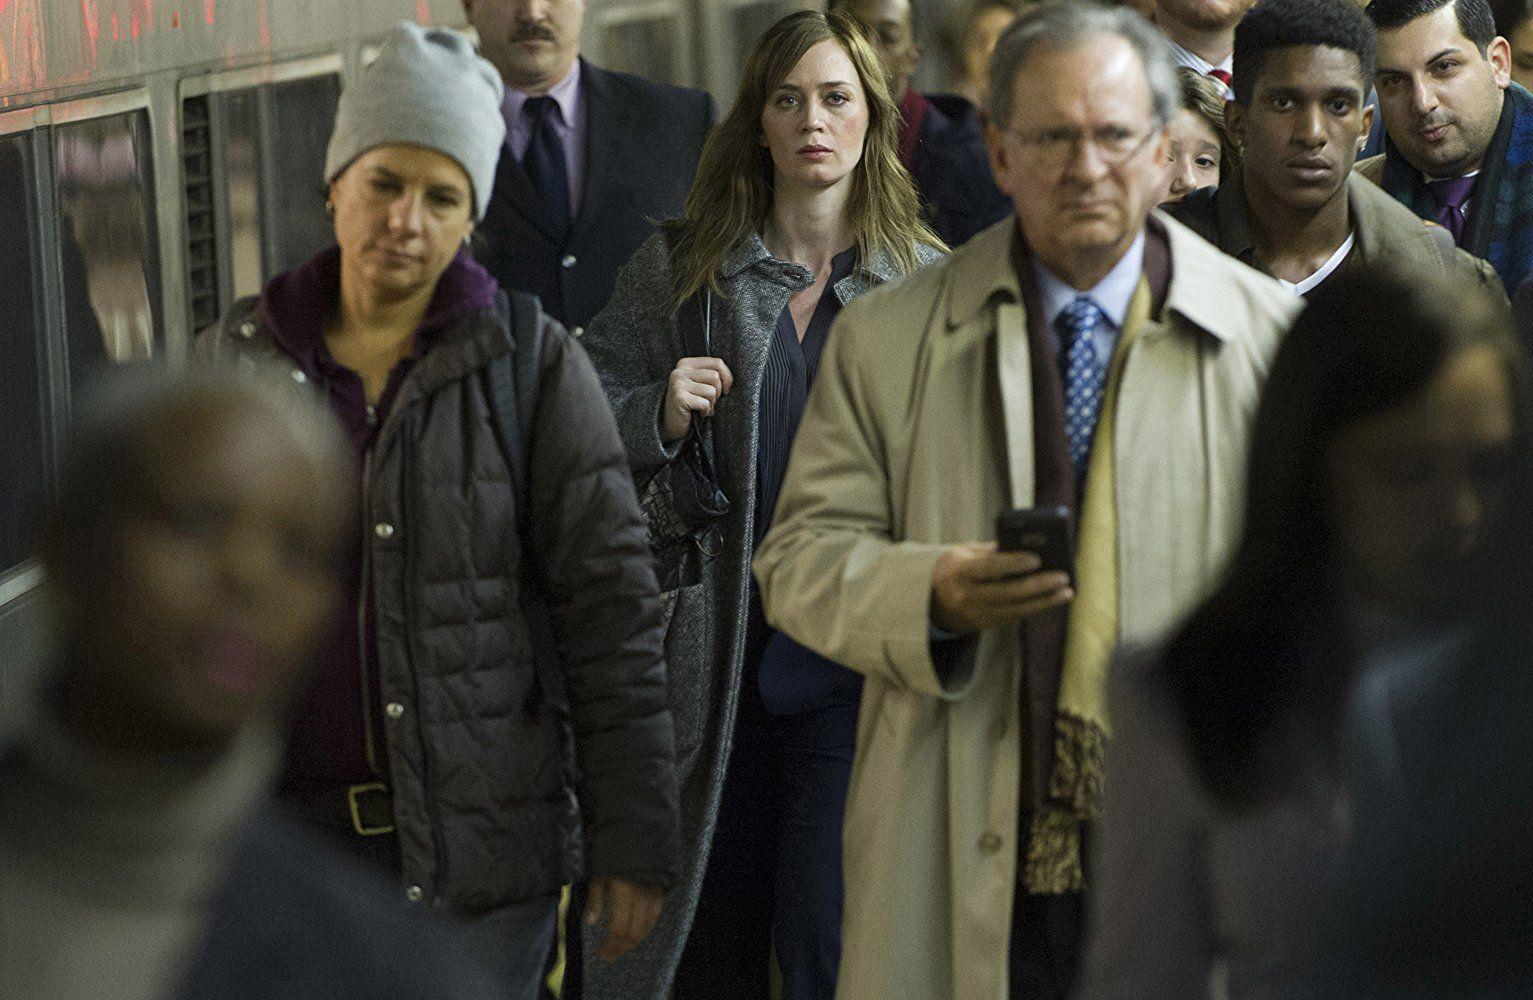 La ragazza del treno: trama, cast e curiosità il film con Emily Blunt